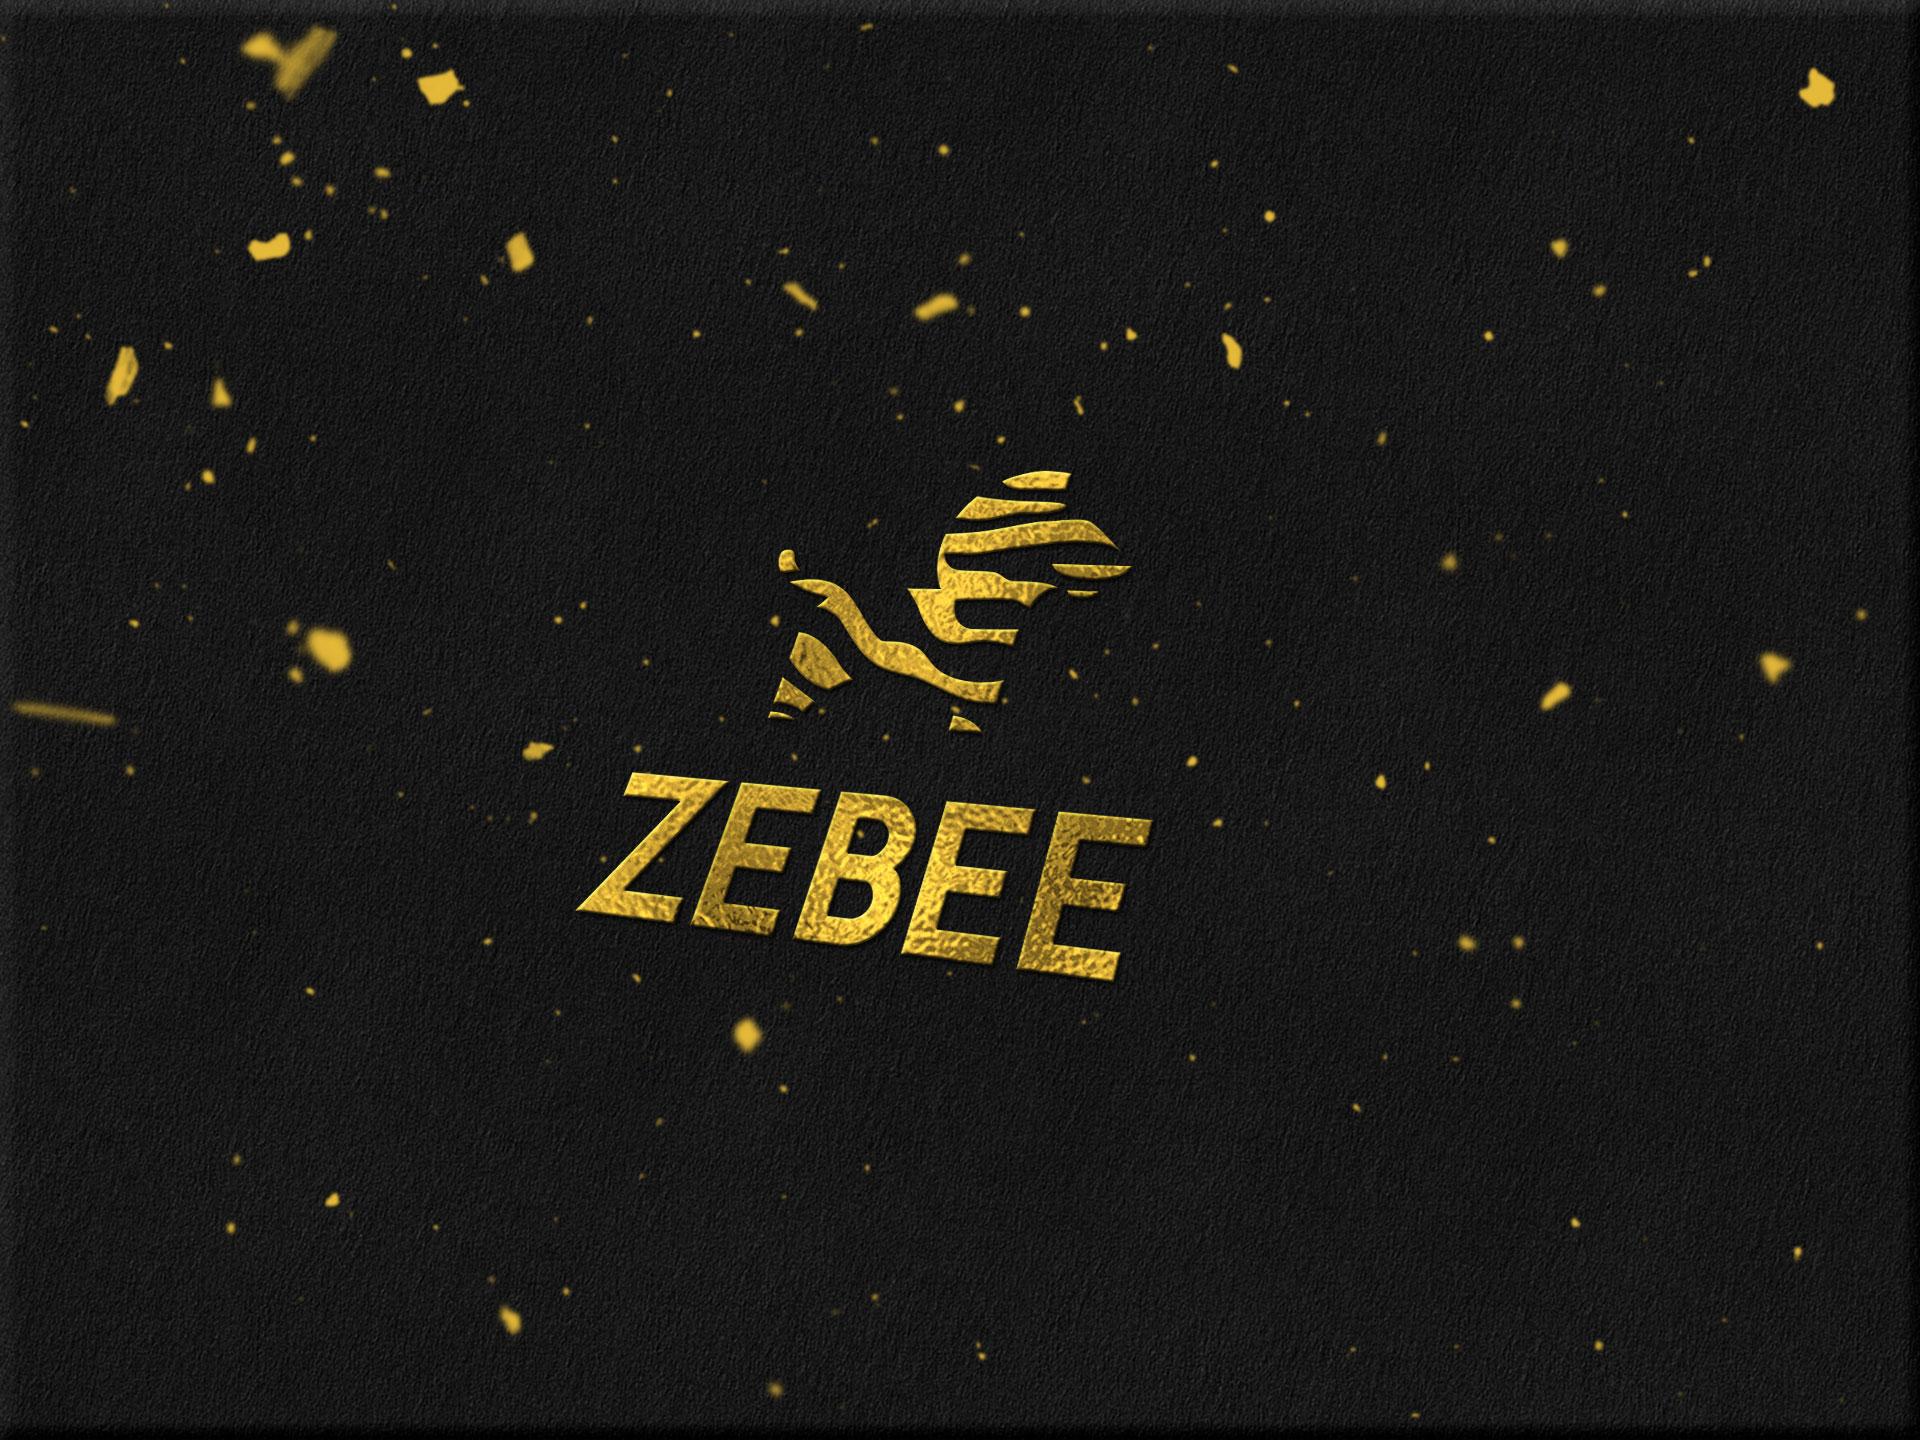 Thiết kế logo thương hiệu trà sữa Zebee tại Hà Nội, Hải Phòng